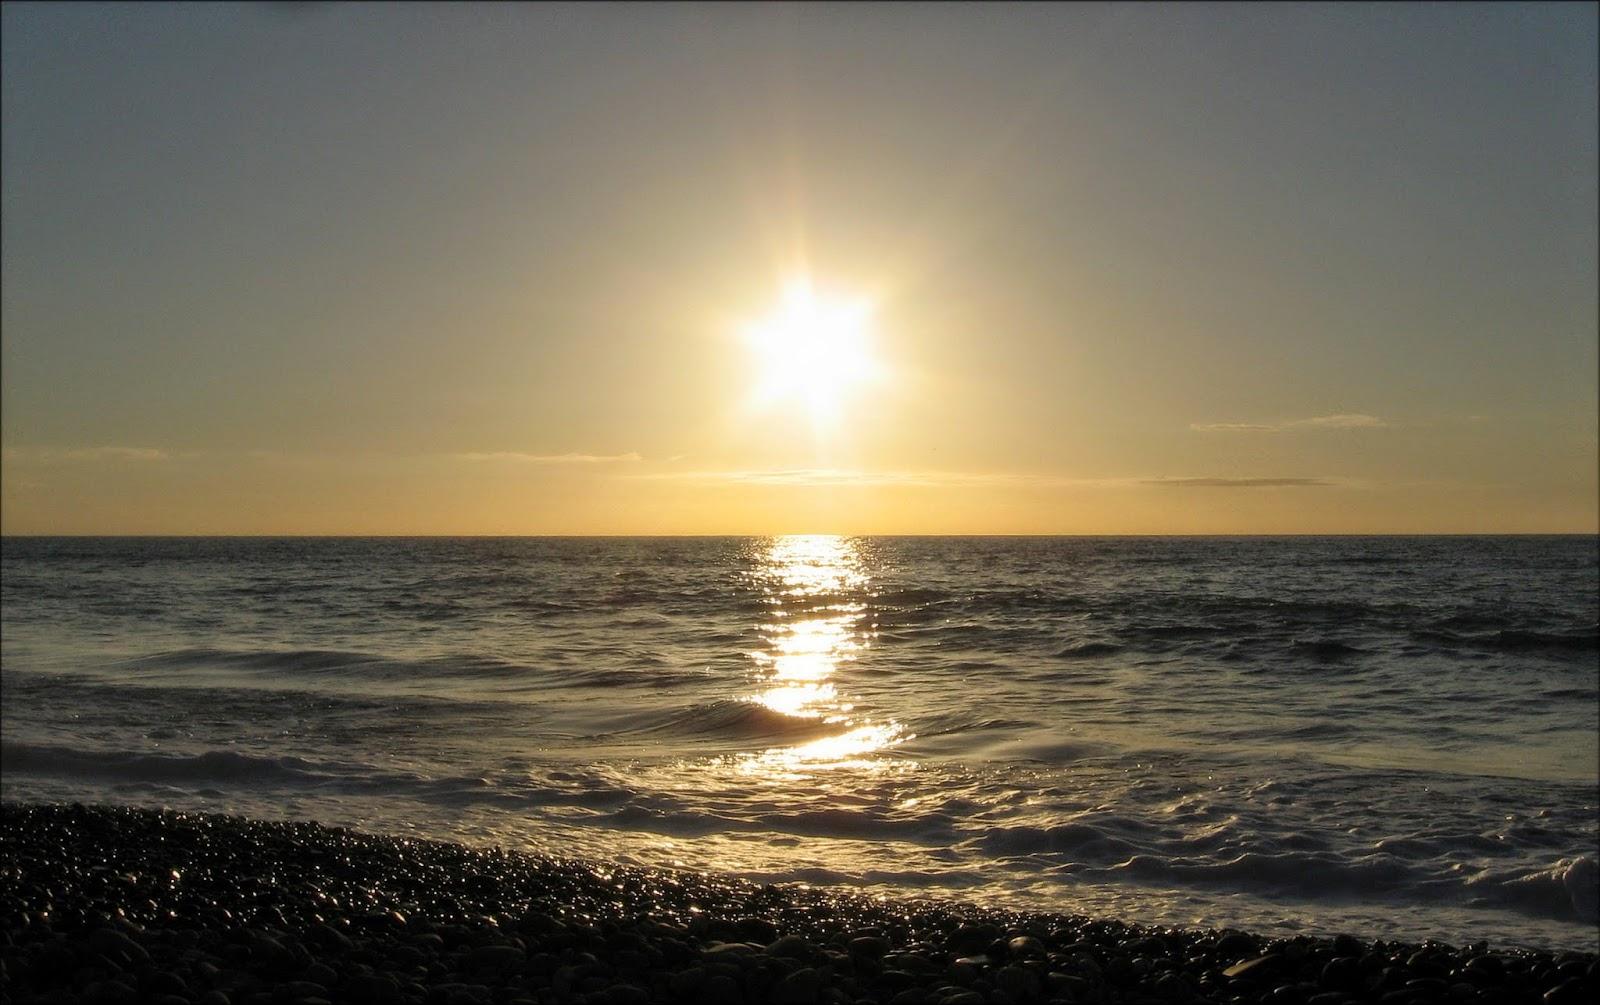 Geliefde leven in poëzie: Ik wil alleen zijn met de zee - Toon Hermans PZ96